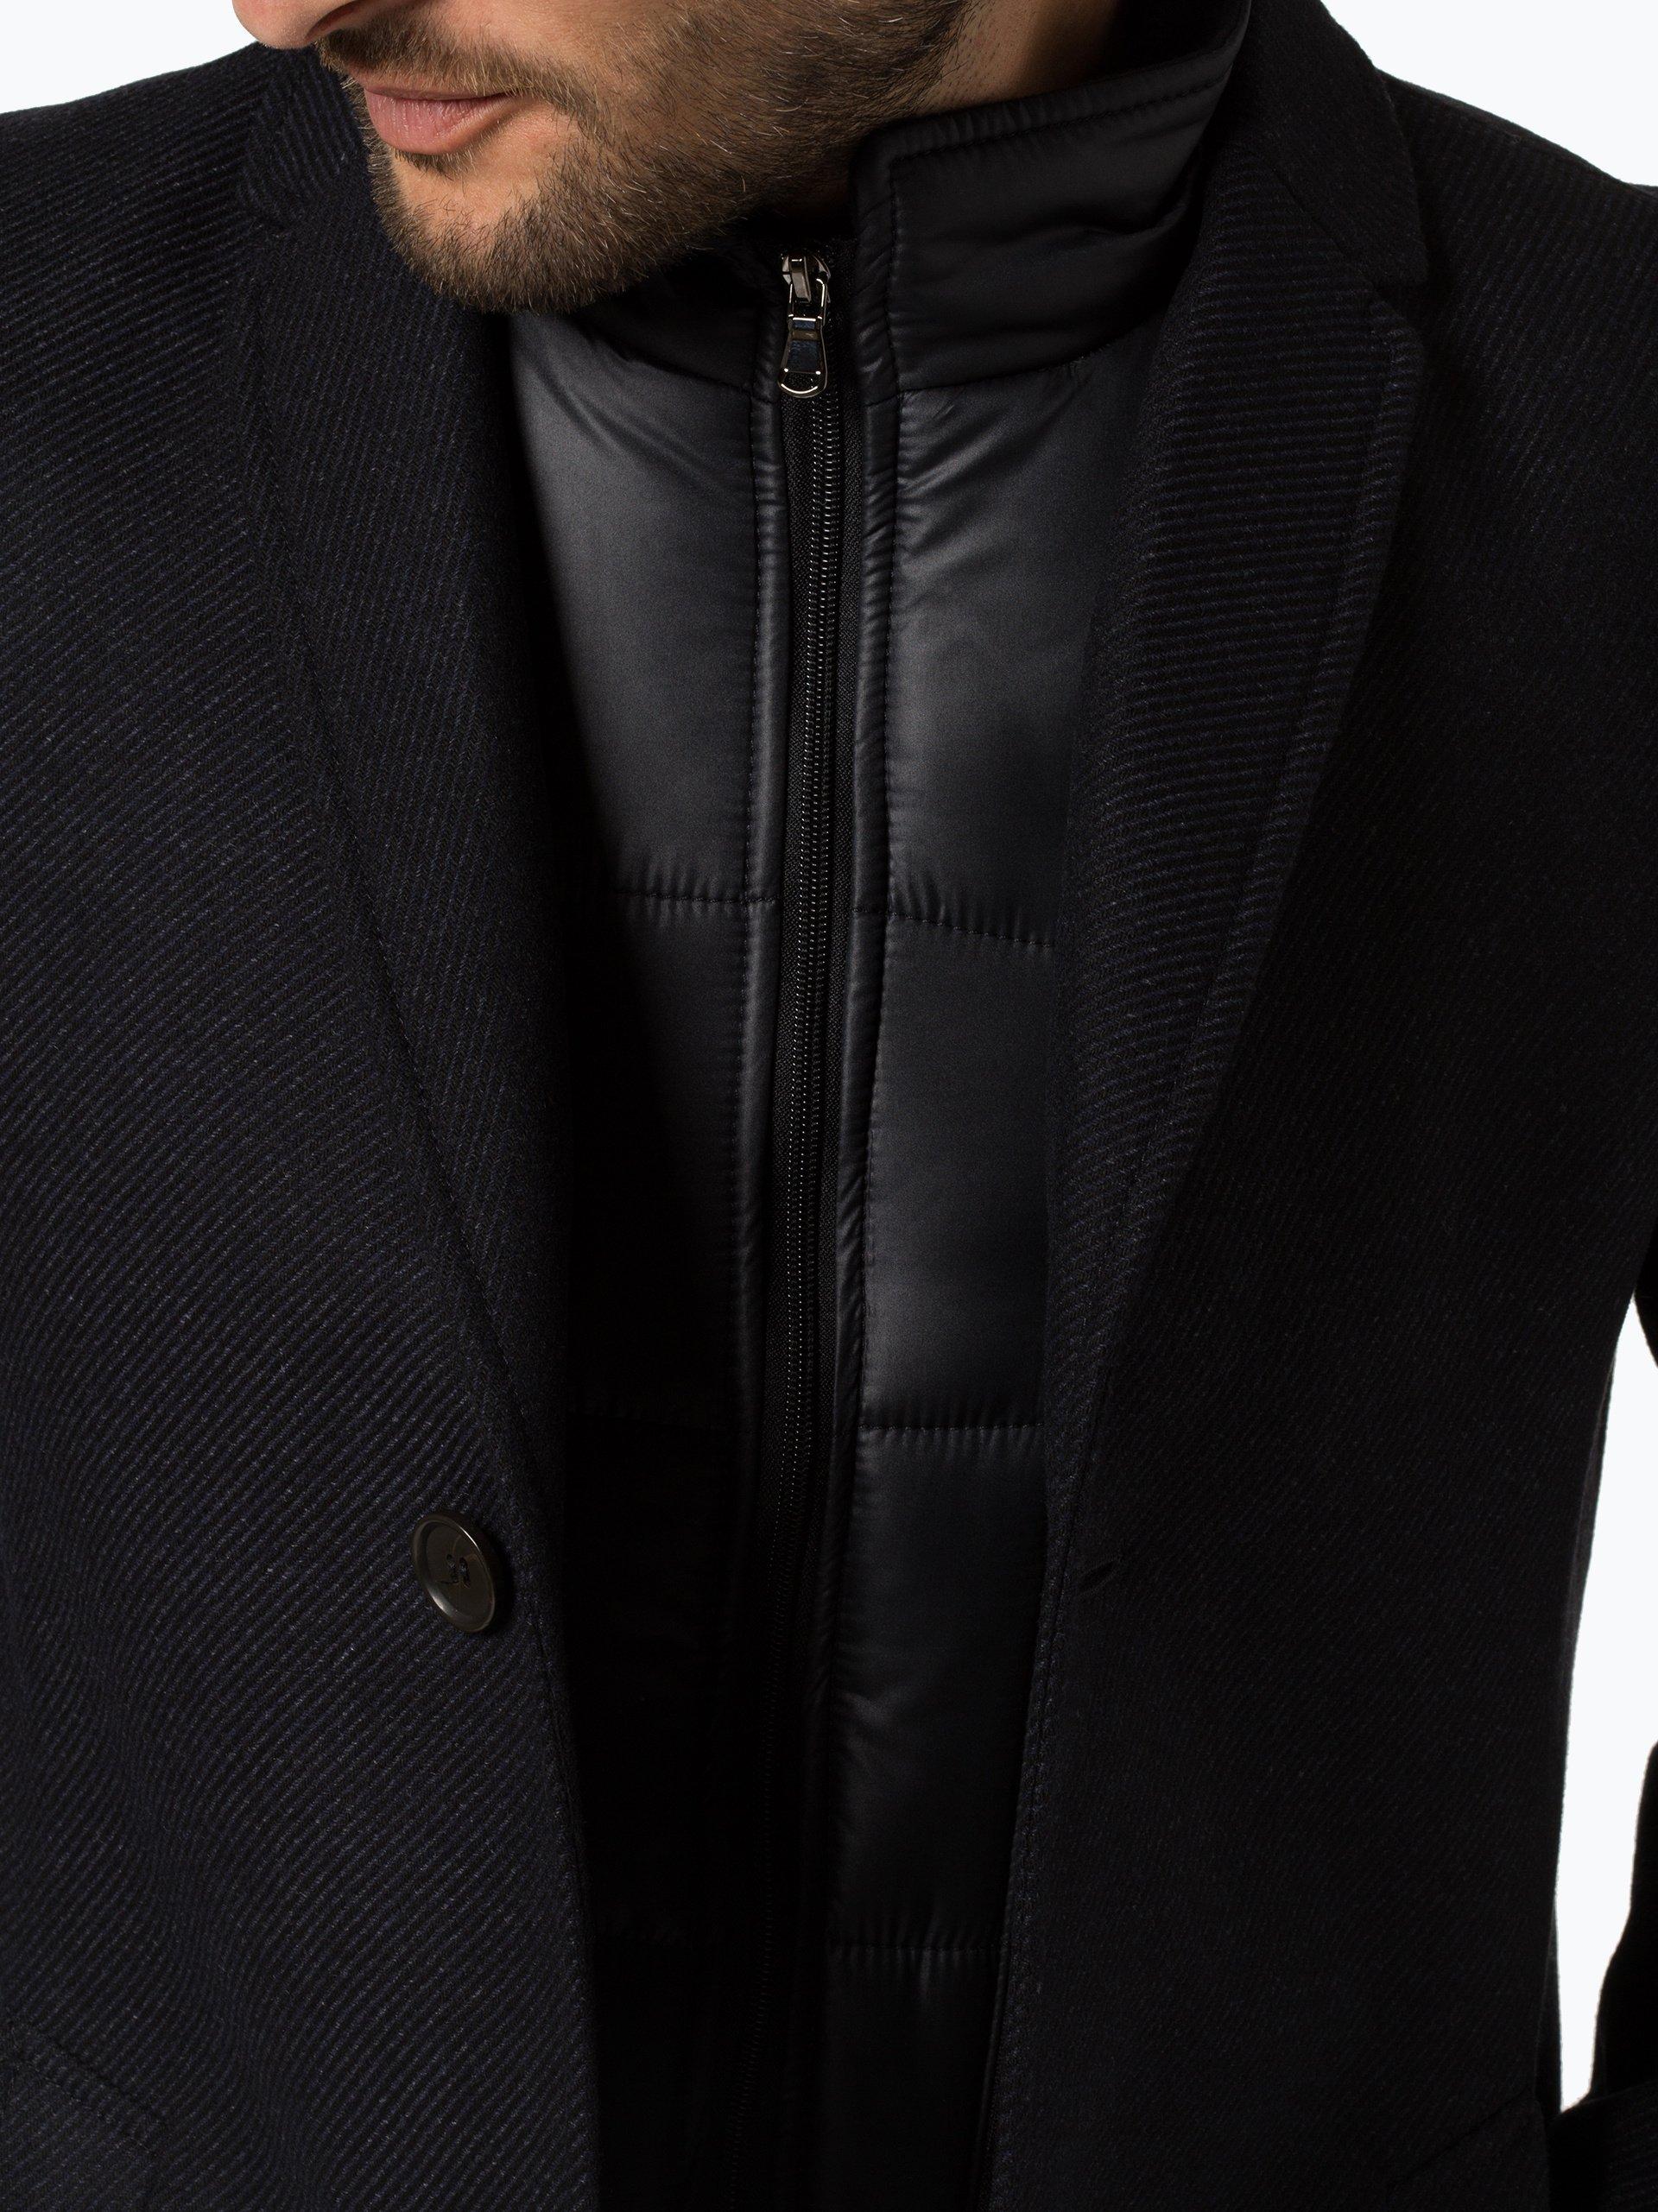 Andrew James Płaszcz męski z dodatkiem kaszmiru